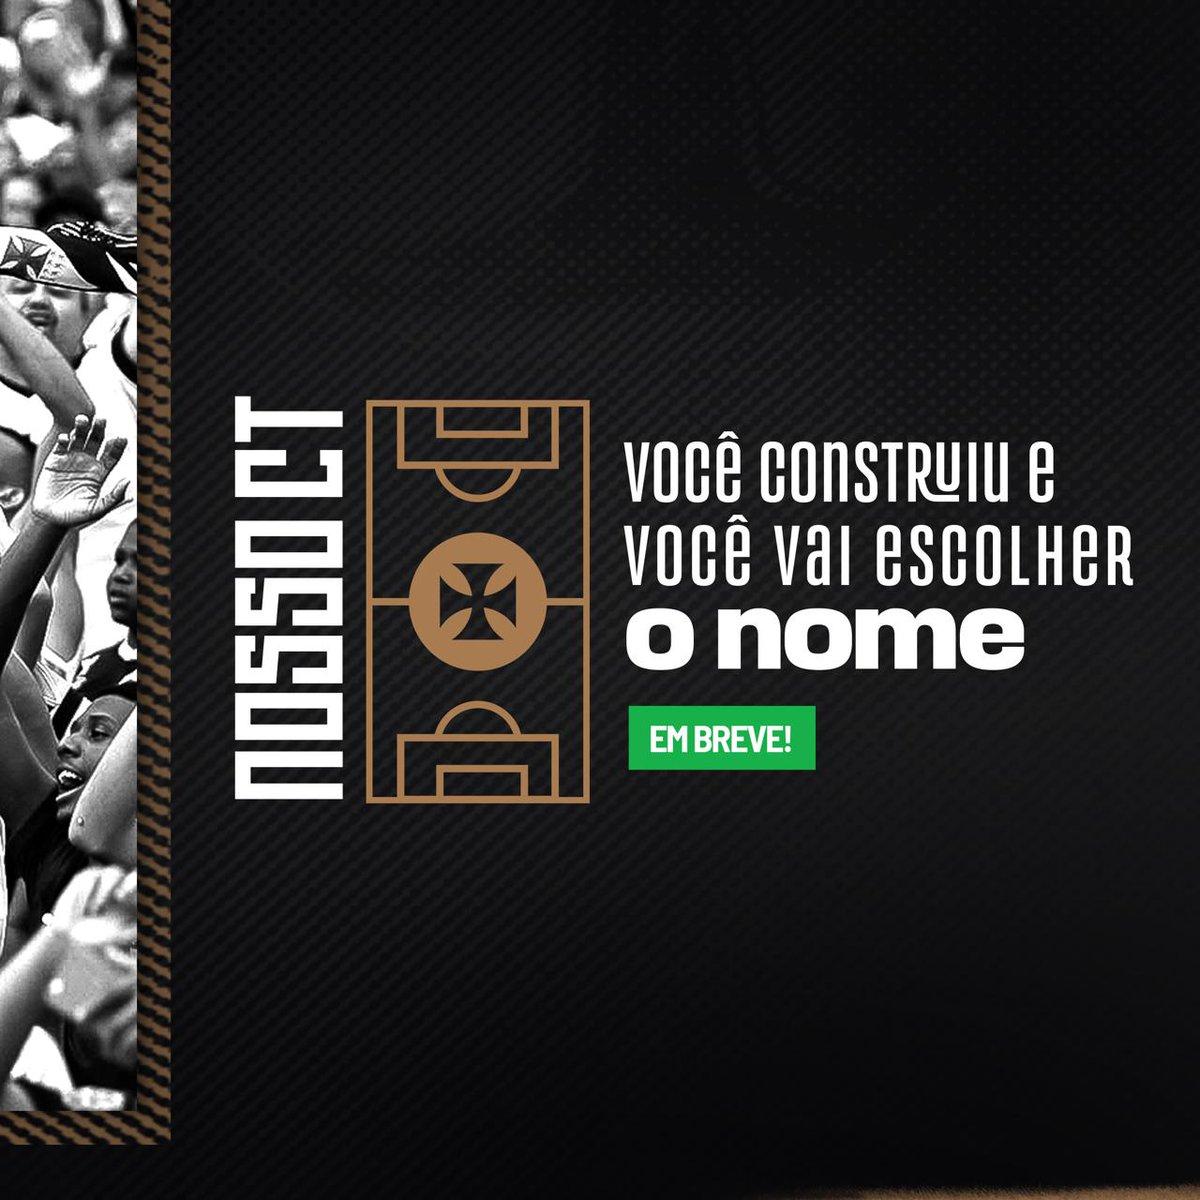 Vasco anuncia formato de campanha para torcida escolher o nome do CT.  👉🏽 https://t.co/HHmk02JO4H  #NossoCT https://t.co/6D7P5avBiW